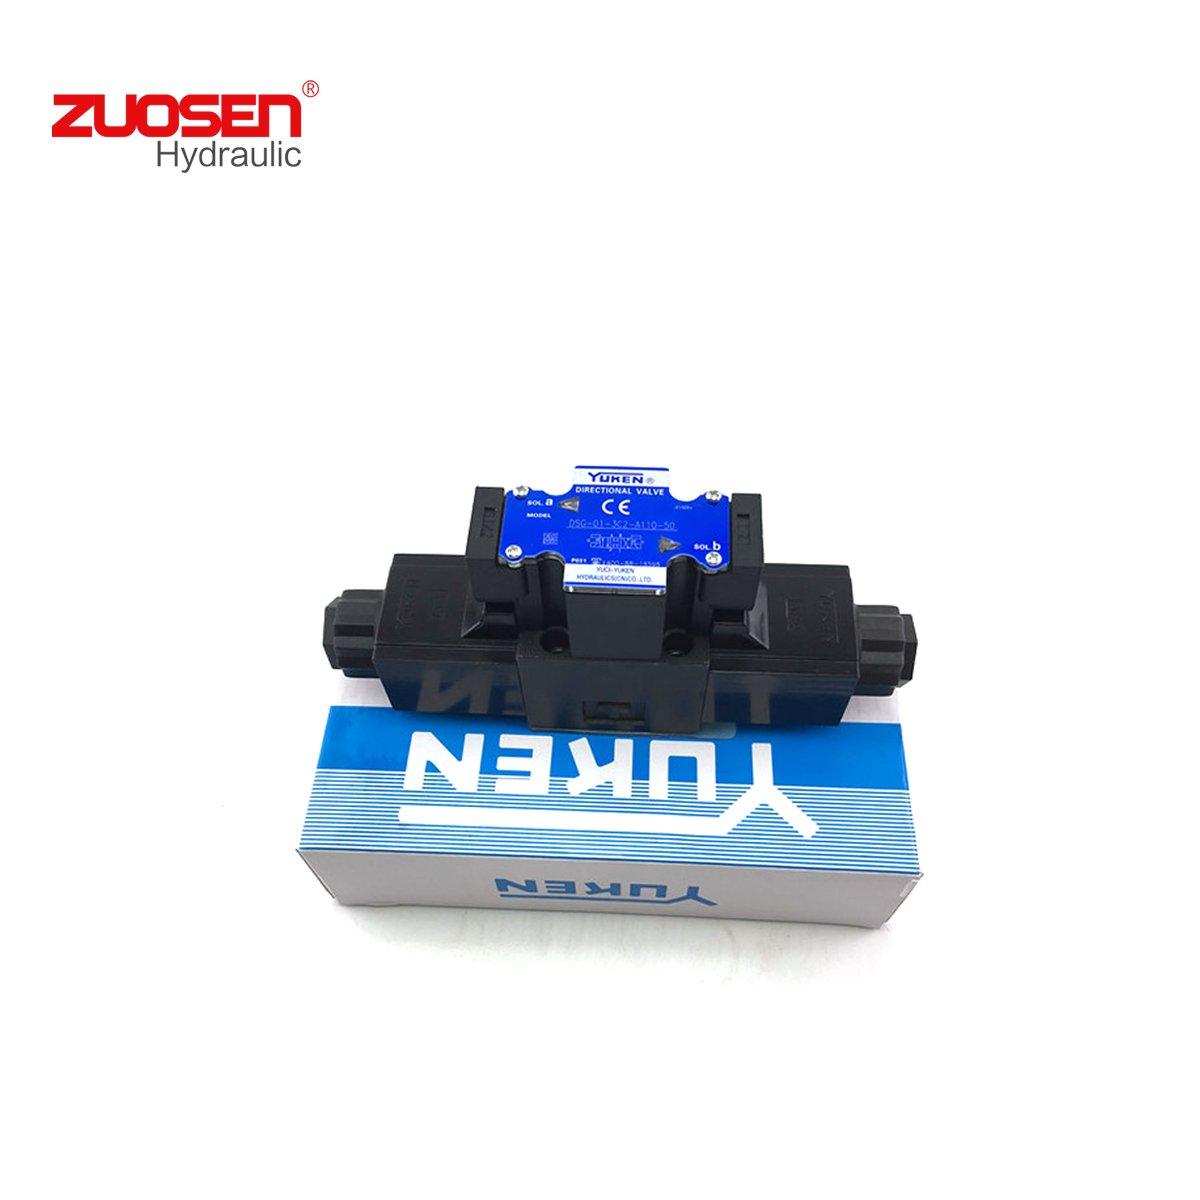 Yuken DSG-01-3C2-A110-70 Hydraulic Valves